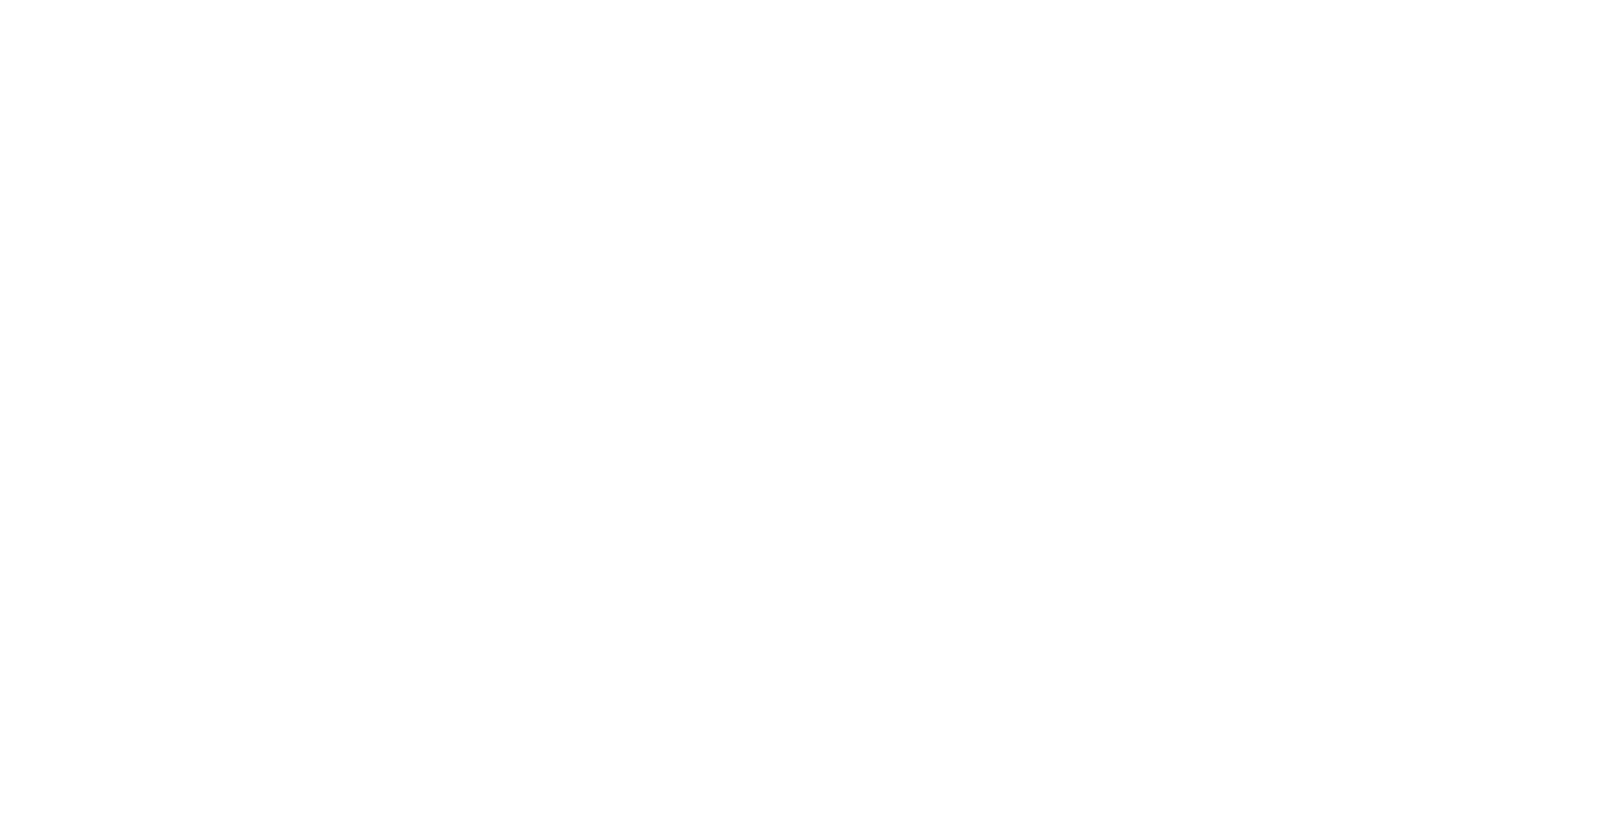 Spork-Logo-White (1).png